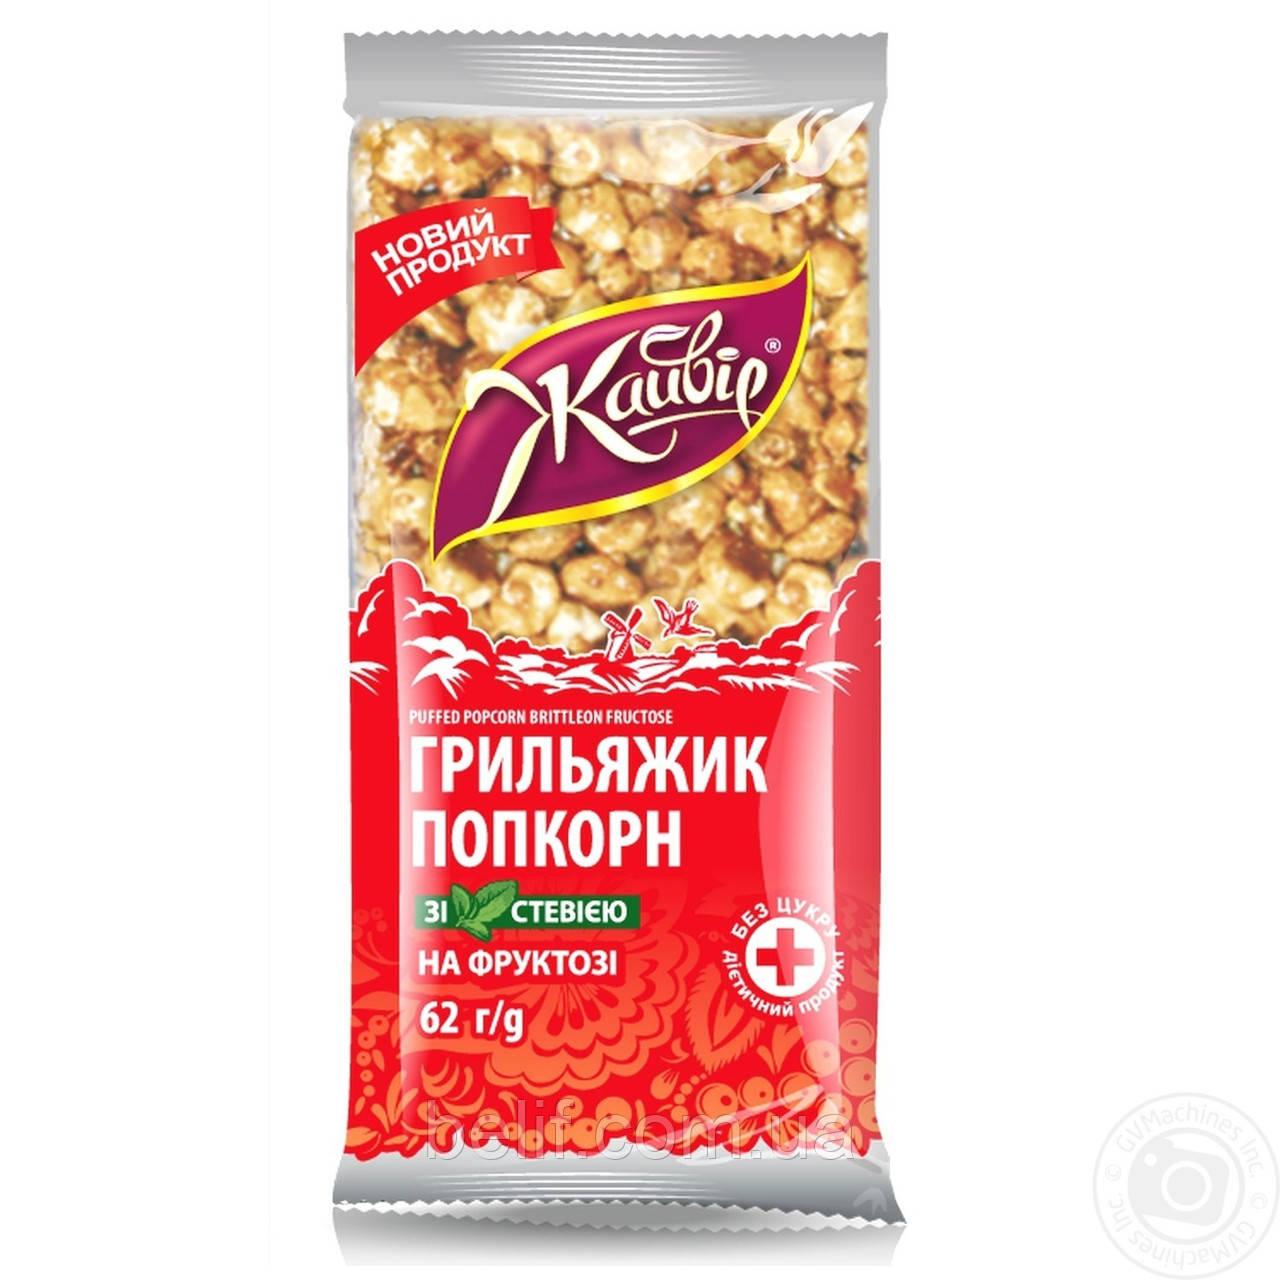 Грильяж Грильяжик попкорн на фруктозі зі стевією, ф. 62г